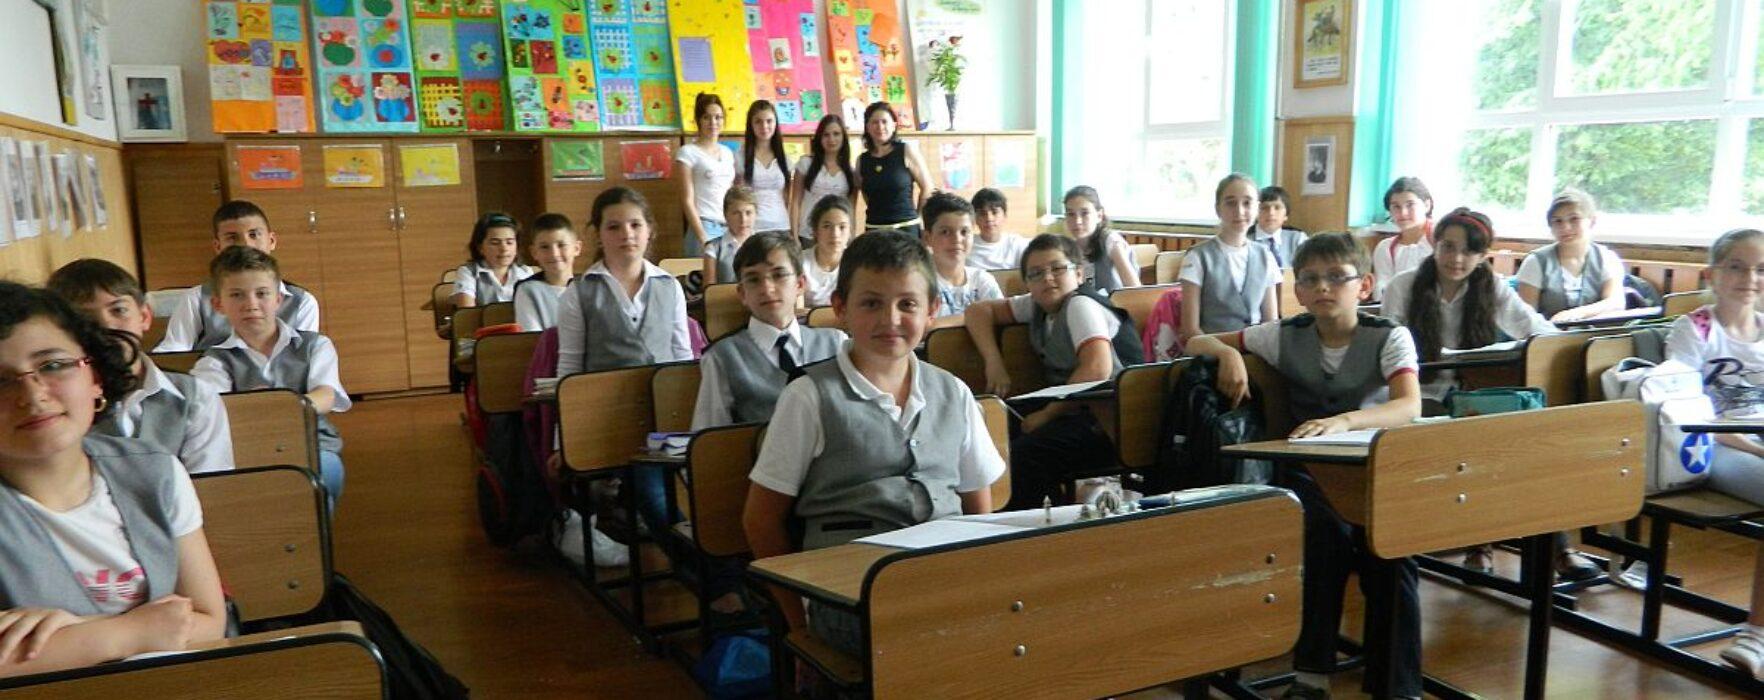 Dâmboviţa: Şase elevi au obţinut media 10 la evaluarea naţională